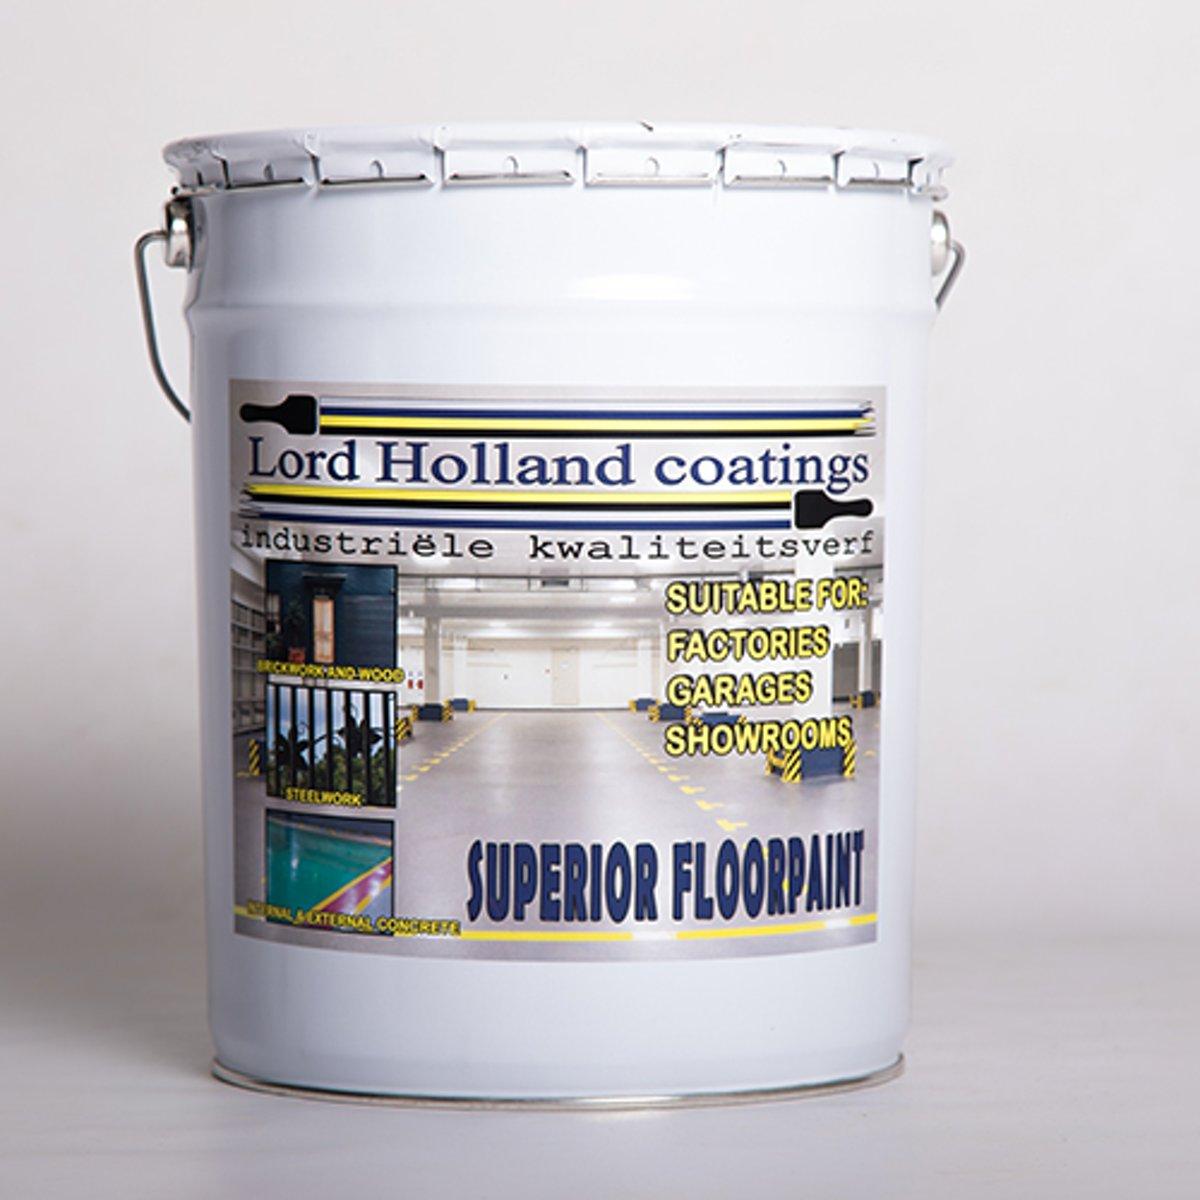 Superior Floorpaint | Betonverf | Betoncoating | Beige ral 1001